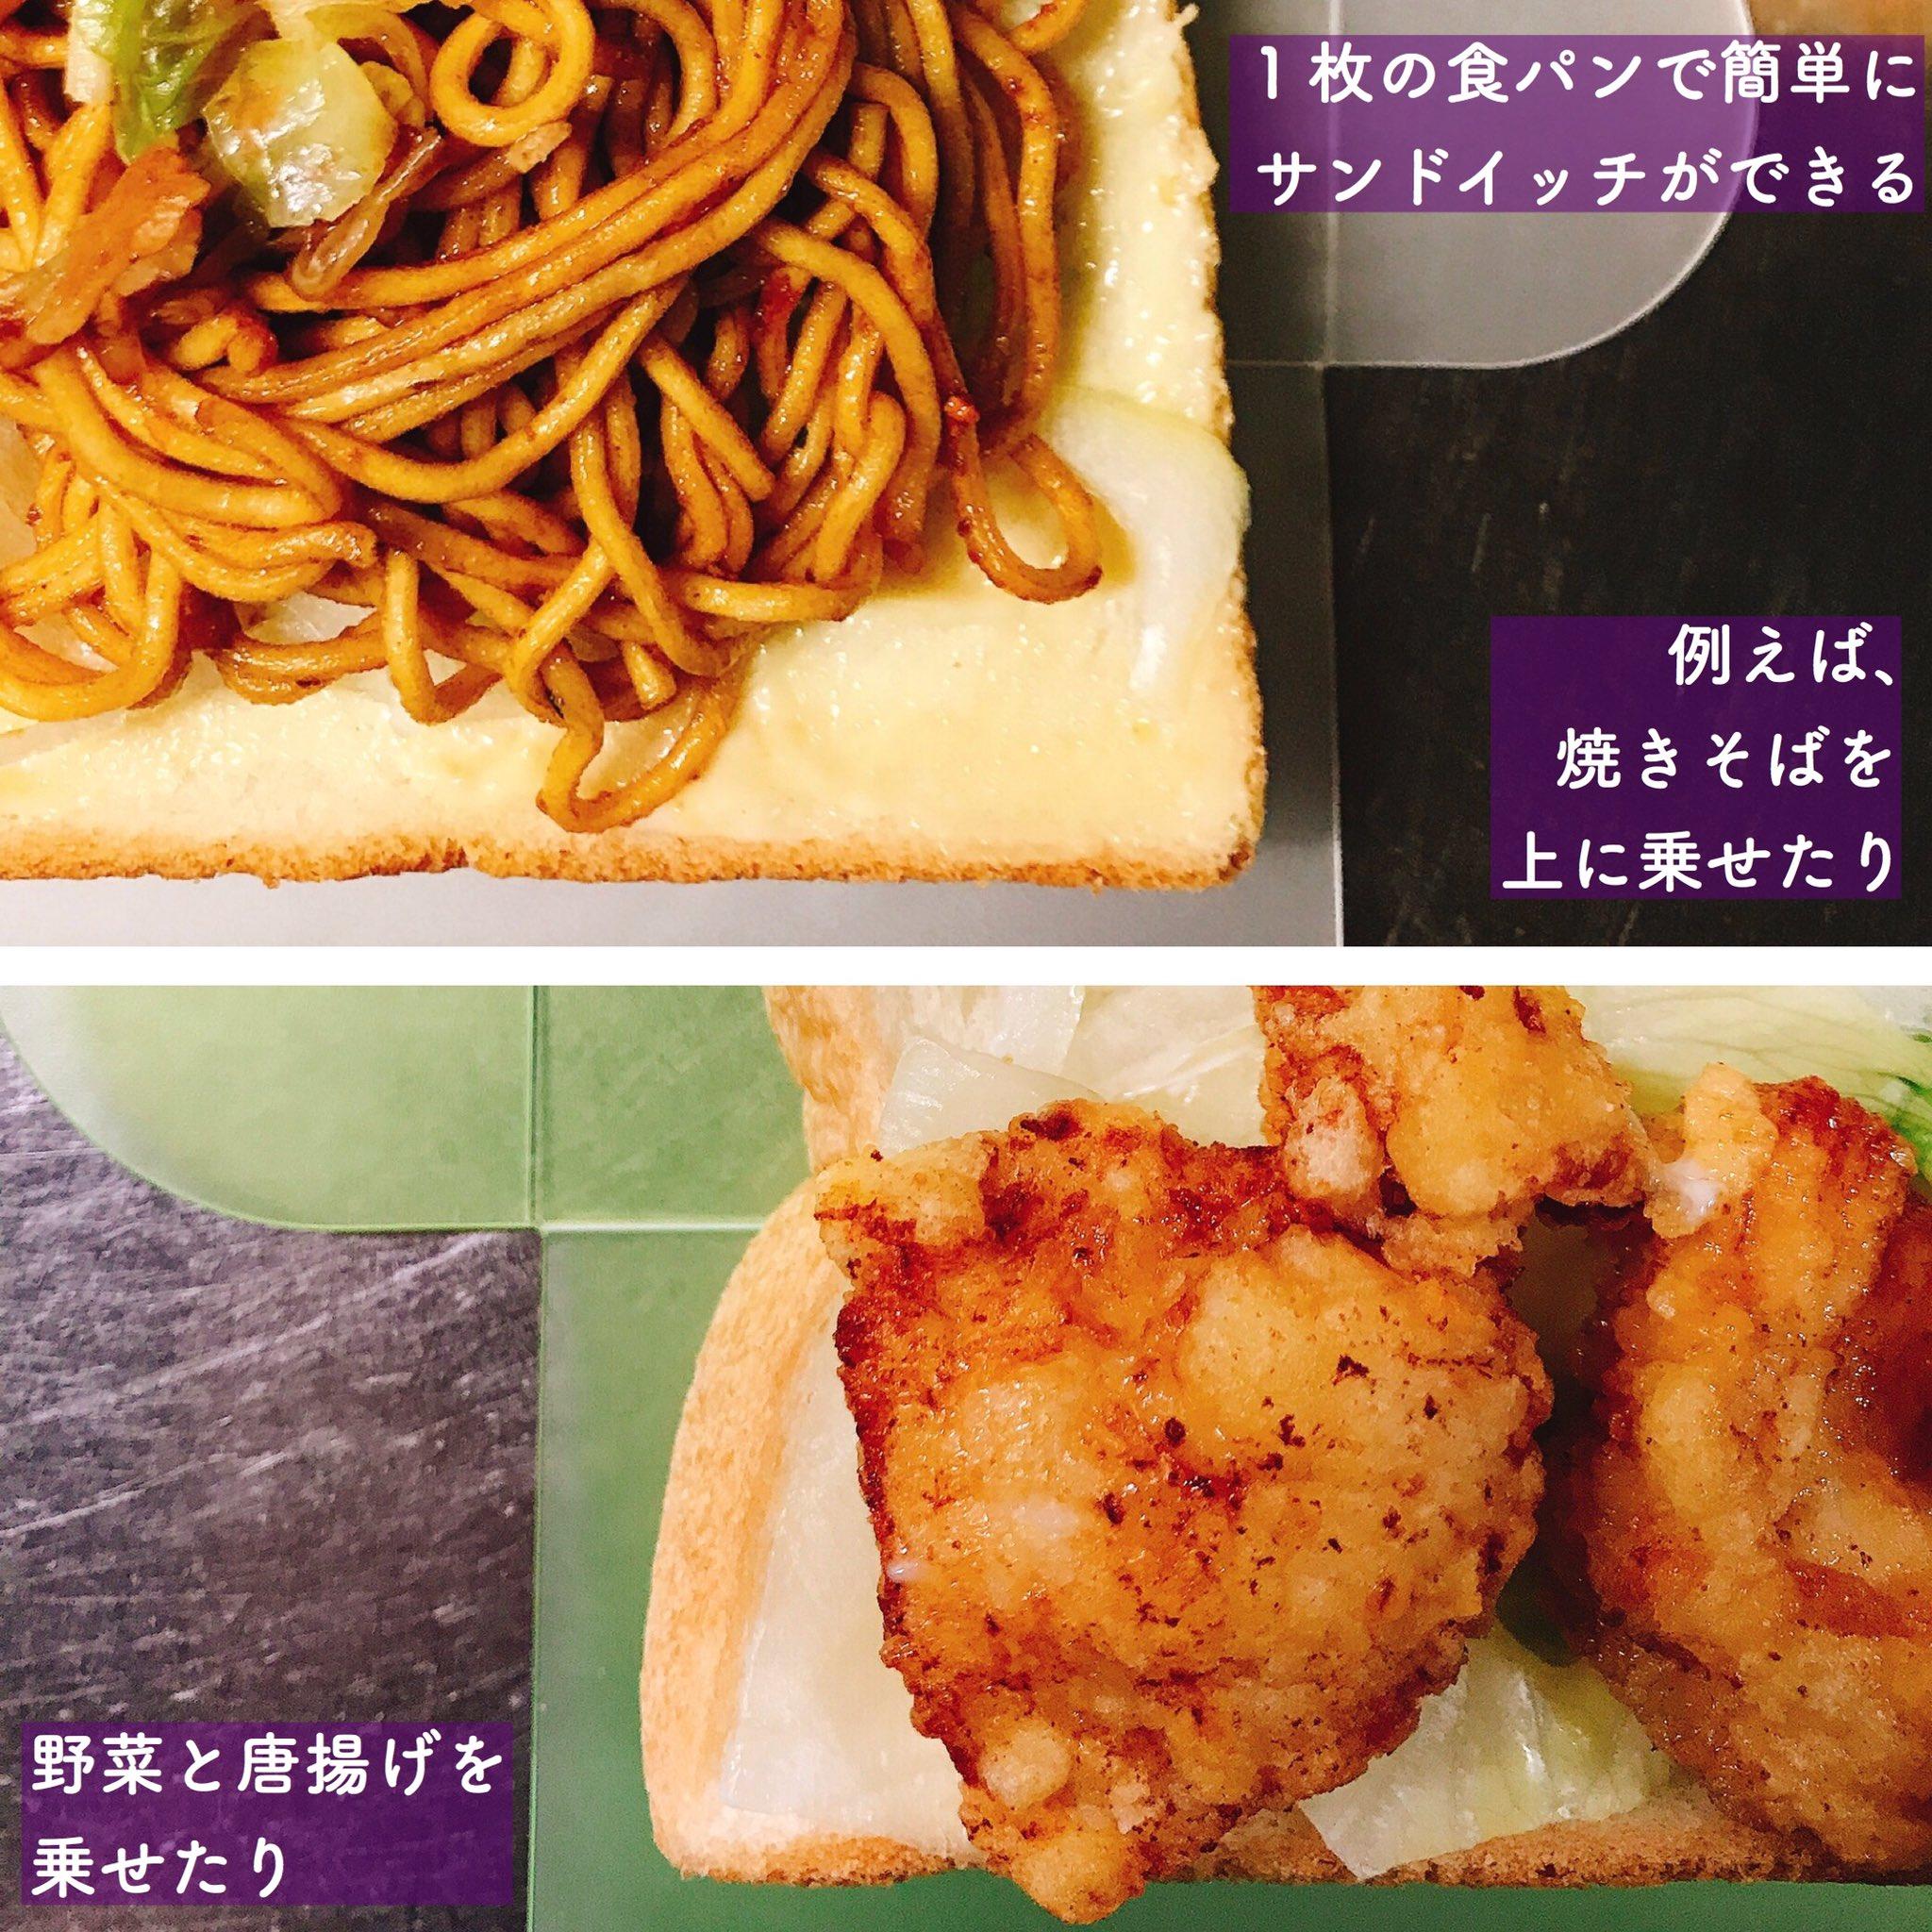 Orusand(折るサンド)<br>パン1枚でサンドイッチが簡単にできる文明の利器。そのままケースにもなるので鞄の中で「ナンかな?」って状態のサンドイッチとはおさらばできる。パンに具を乗せてケースごと巻くだけの簡単仕様。サンドイッチのハードルがめっちゃ下がったわ。割とたくさんの具が挟めるのも◎